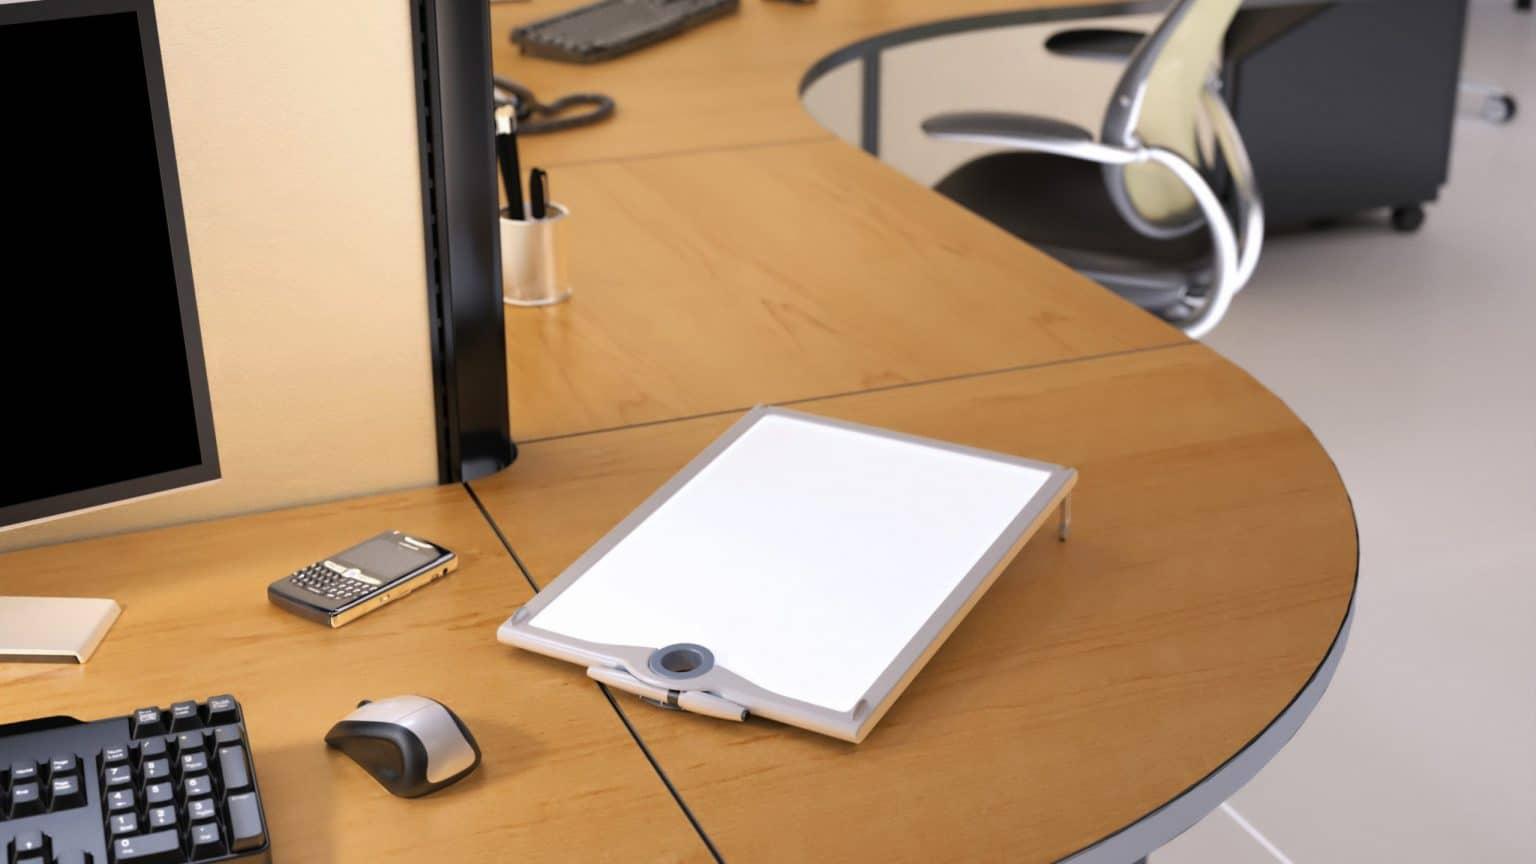 Tenex Personal White Board Contract Office Desk